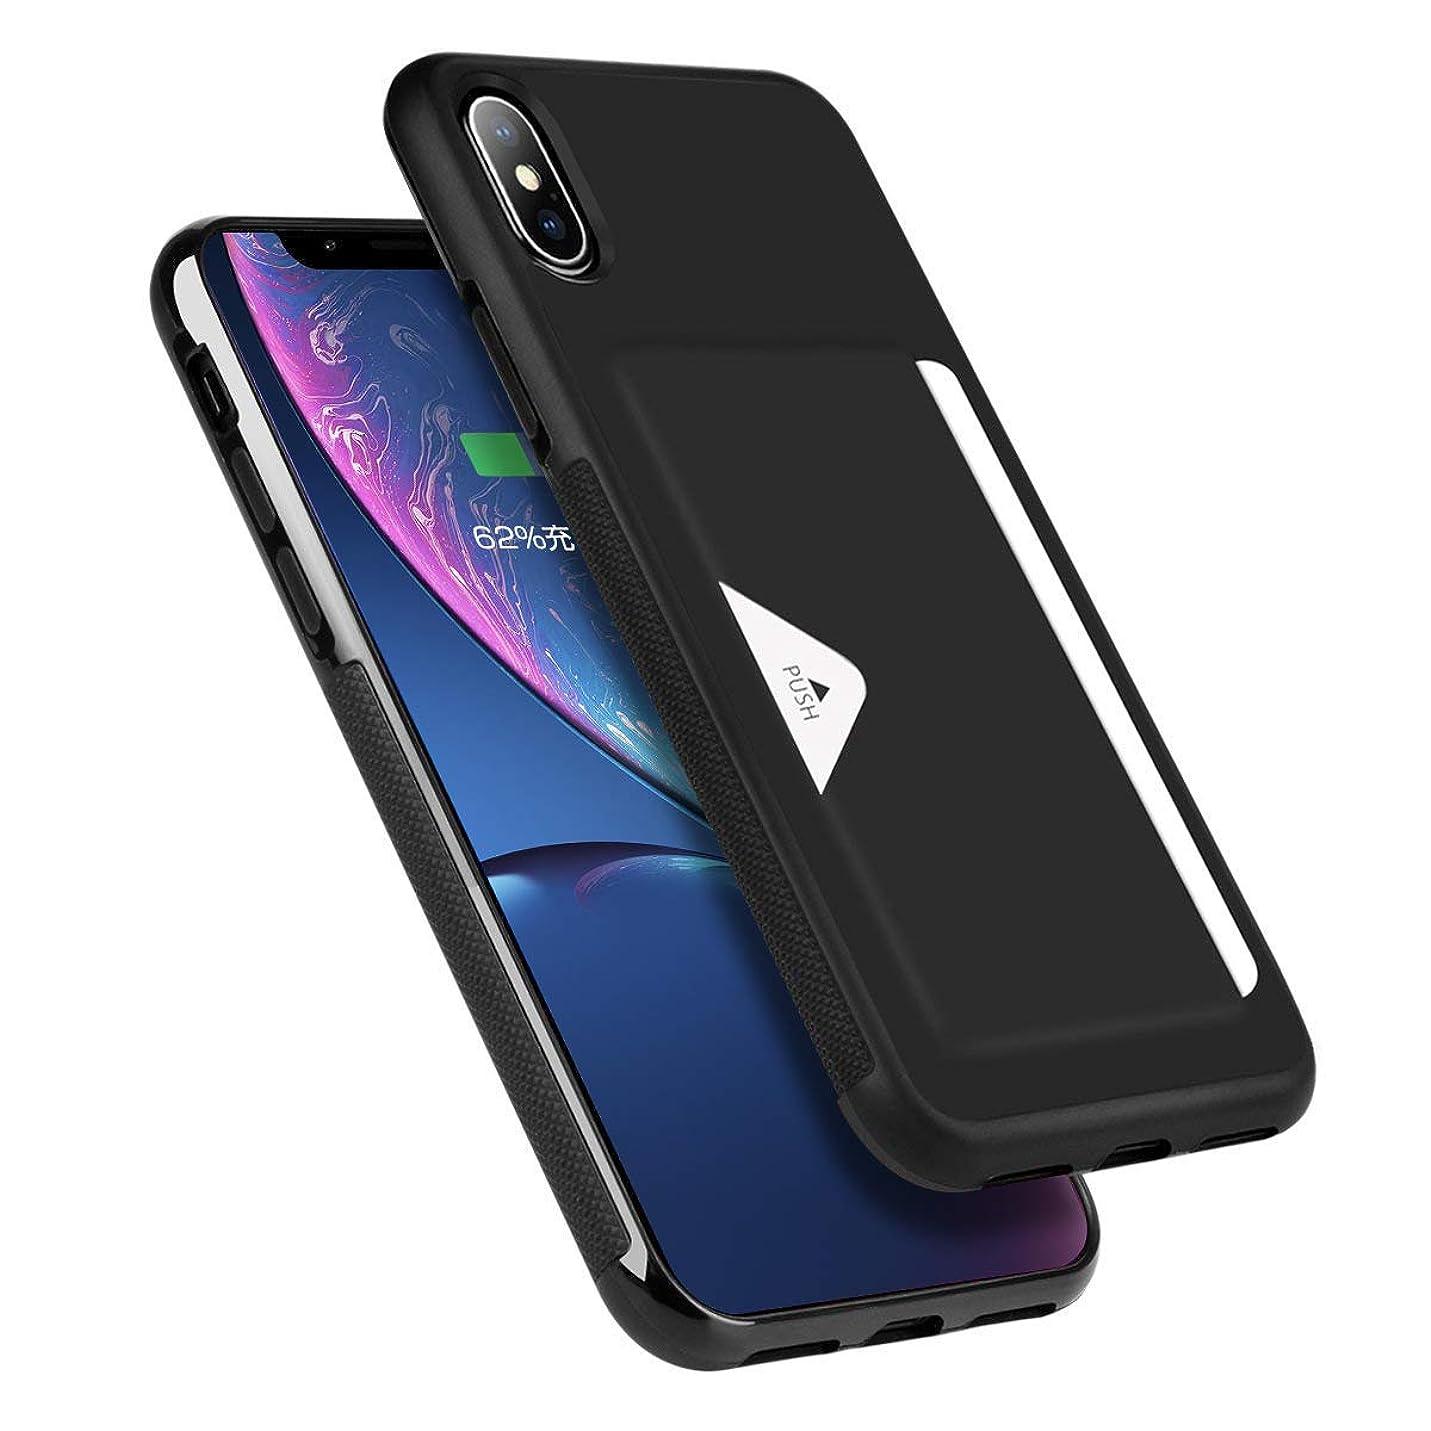 磁石植物学モールス信号Hokonui iPhone XS ケース iPhone X ケース 薄型 ICカード収納 TPU+レザー 耐衝撃 滑り防止 指紋防止 スマホケース 携帯カバー (iphone XS/X, ブラック)